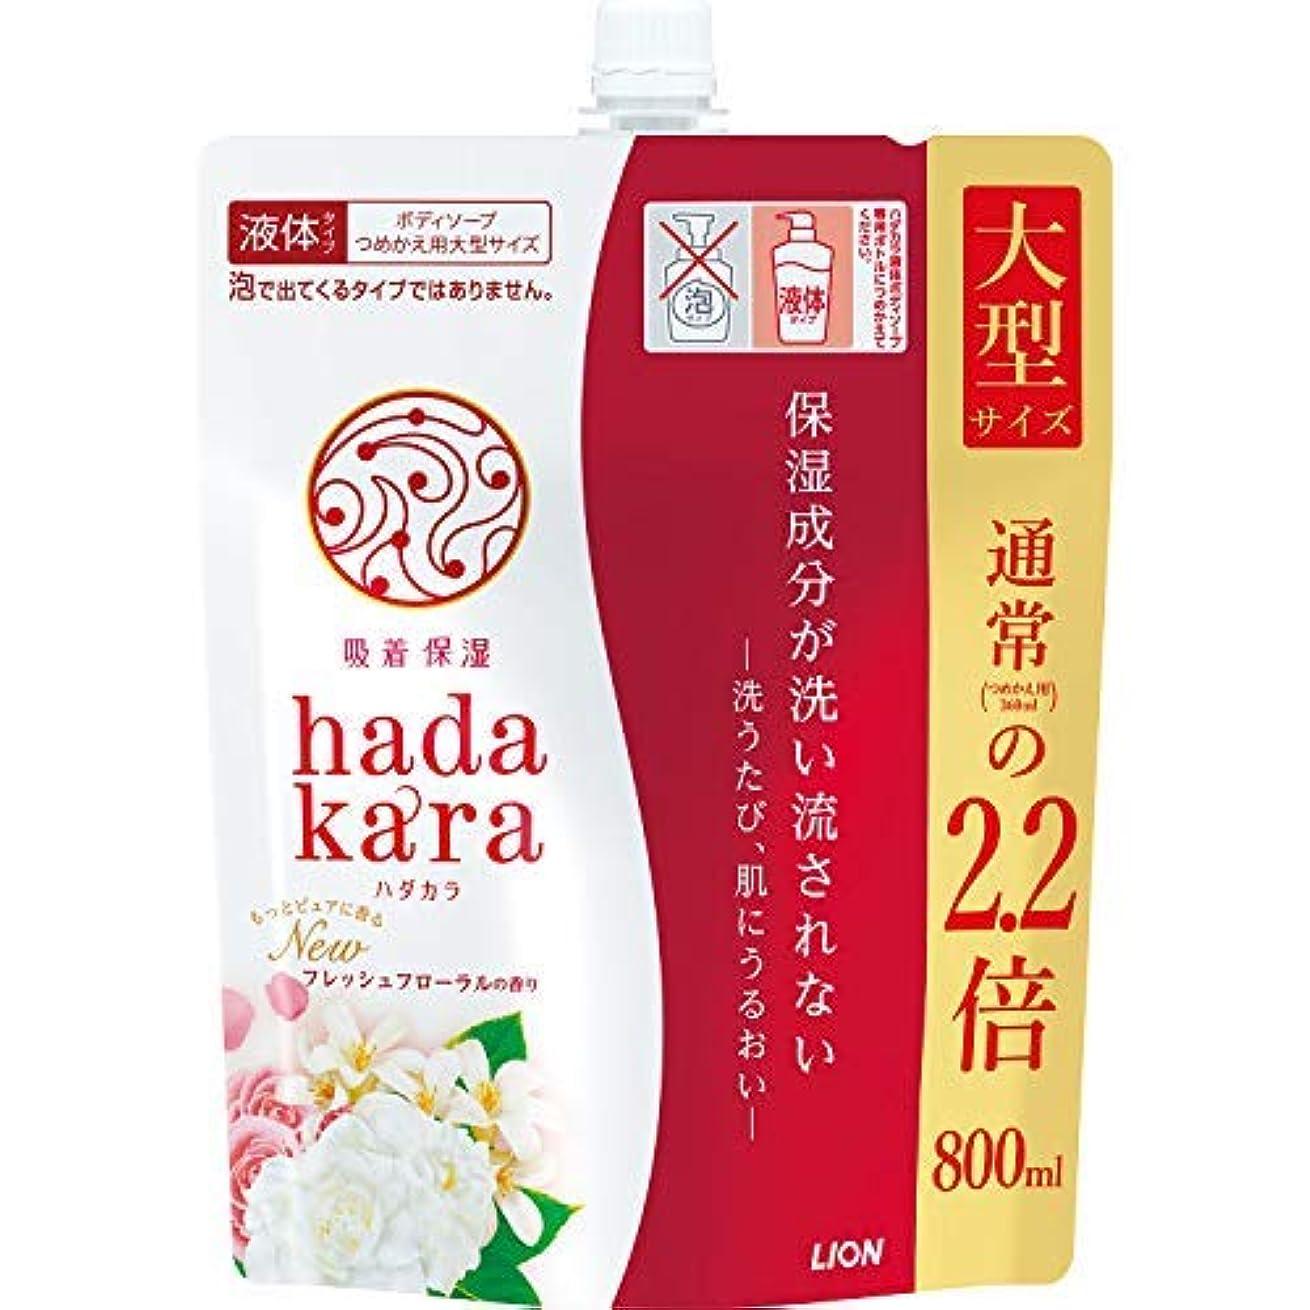 アレイふりをする改善hadakara(ハダカラ)ボディソープ フレッシュフローラルの香り 詰替え用 大型サイズ 800ml × 5個セット